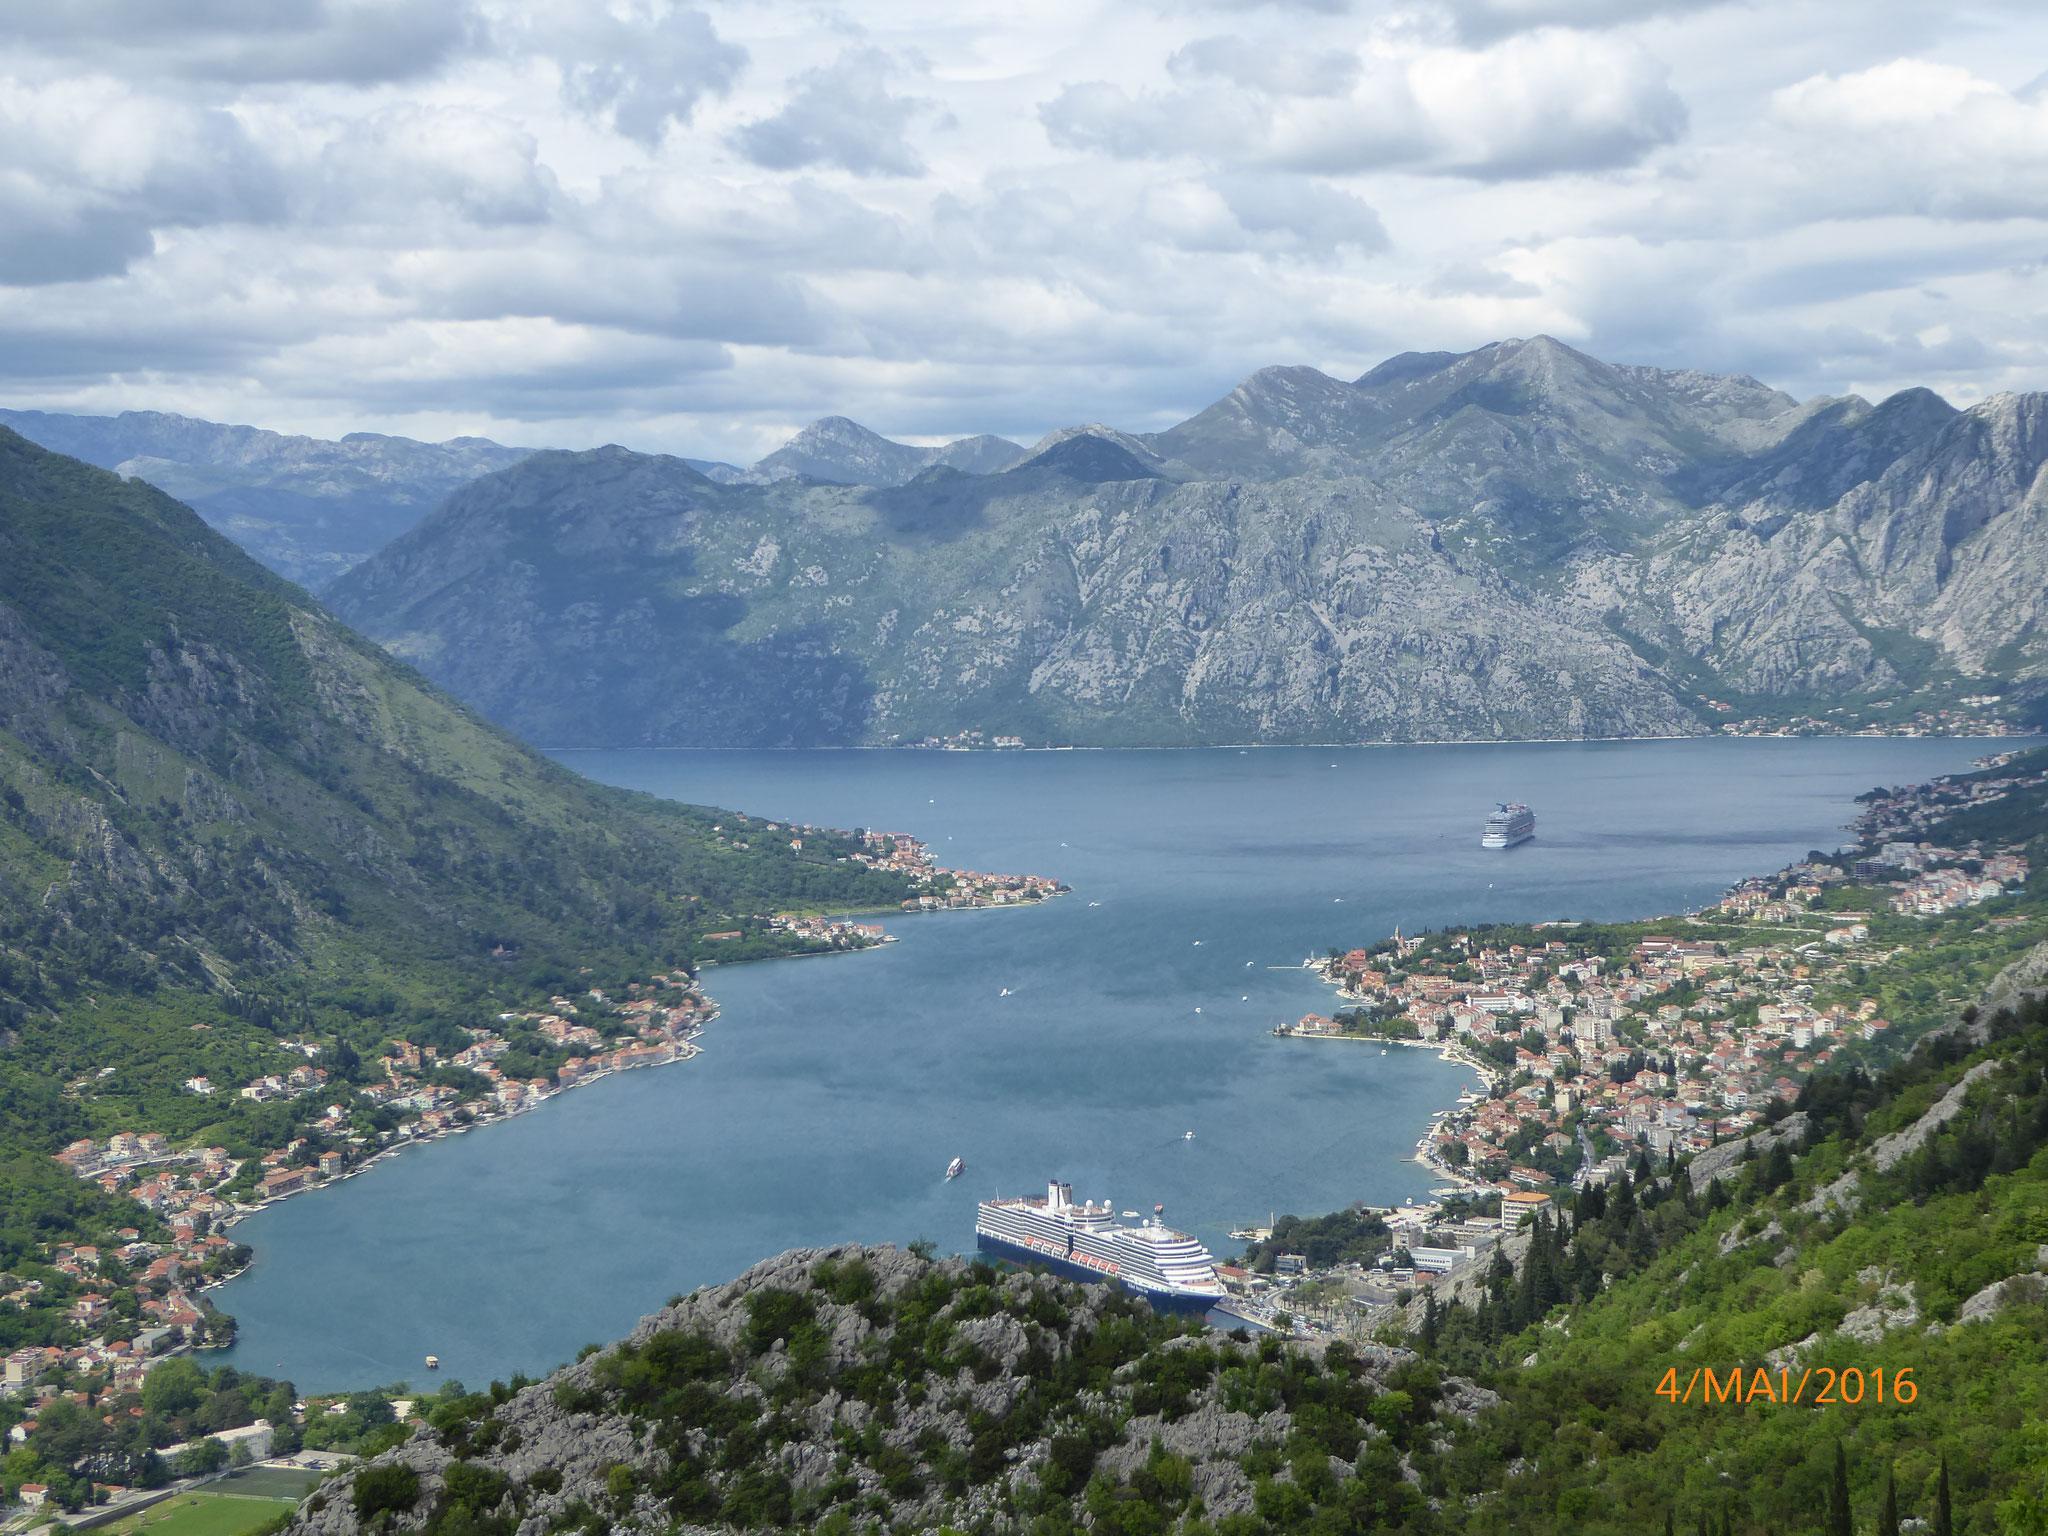 Vom Kotor Pass aus hat man eine wunderbare Aussicht auf den einzigen im Süden gelegenen Fjord